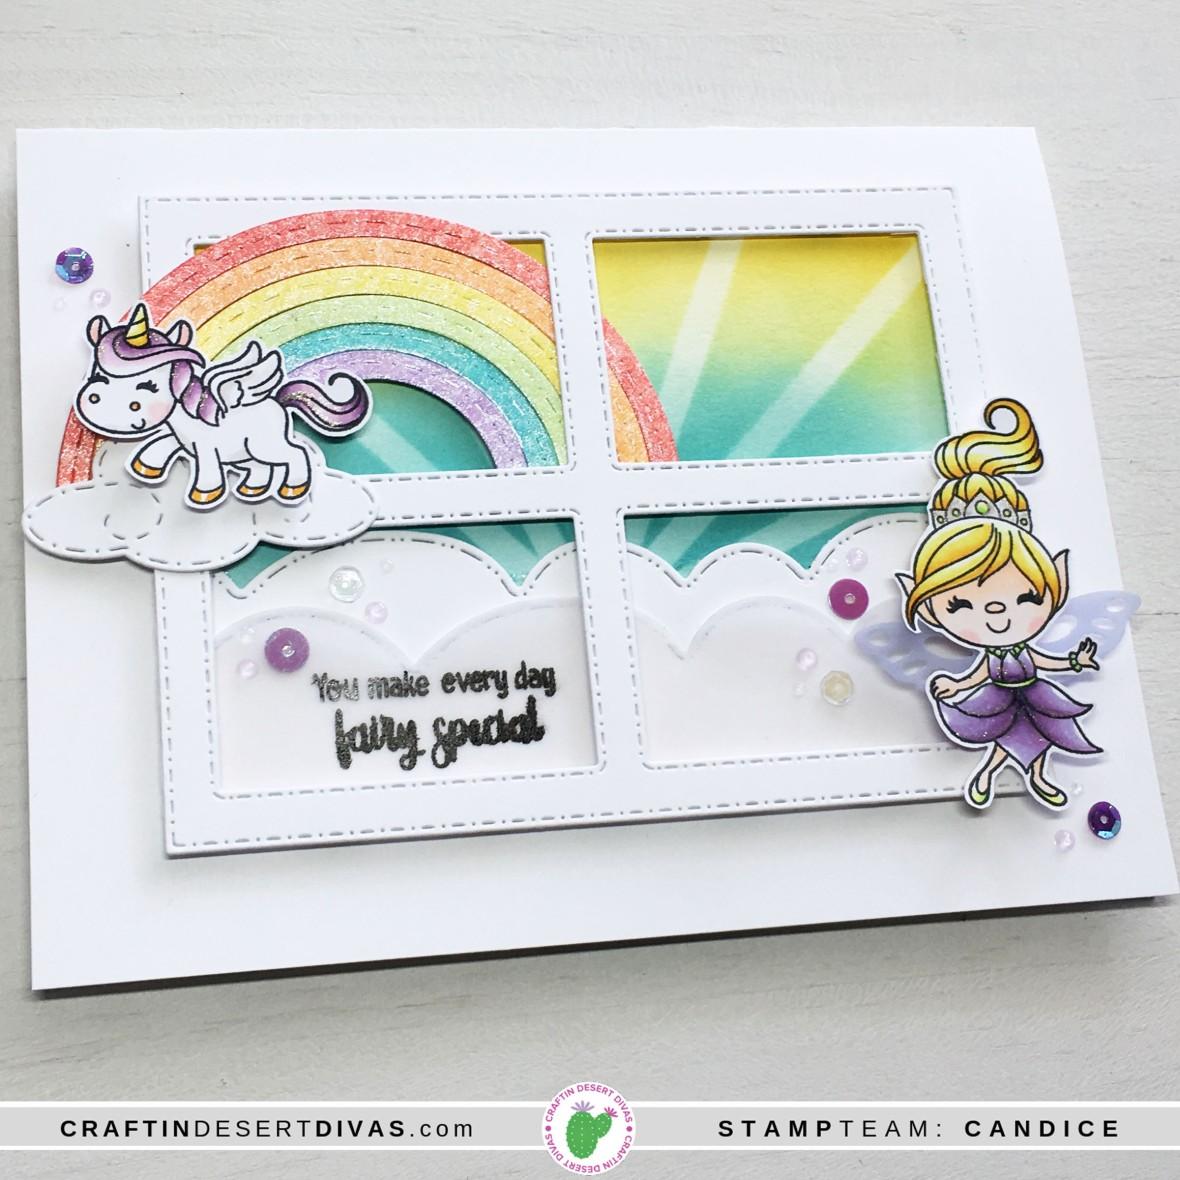 0404-Candice-creative inspiration April up close